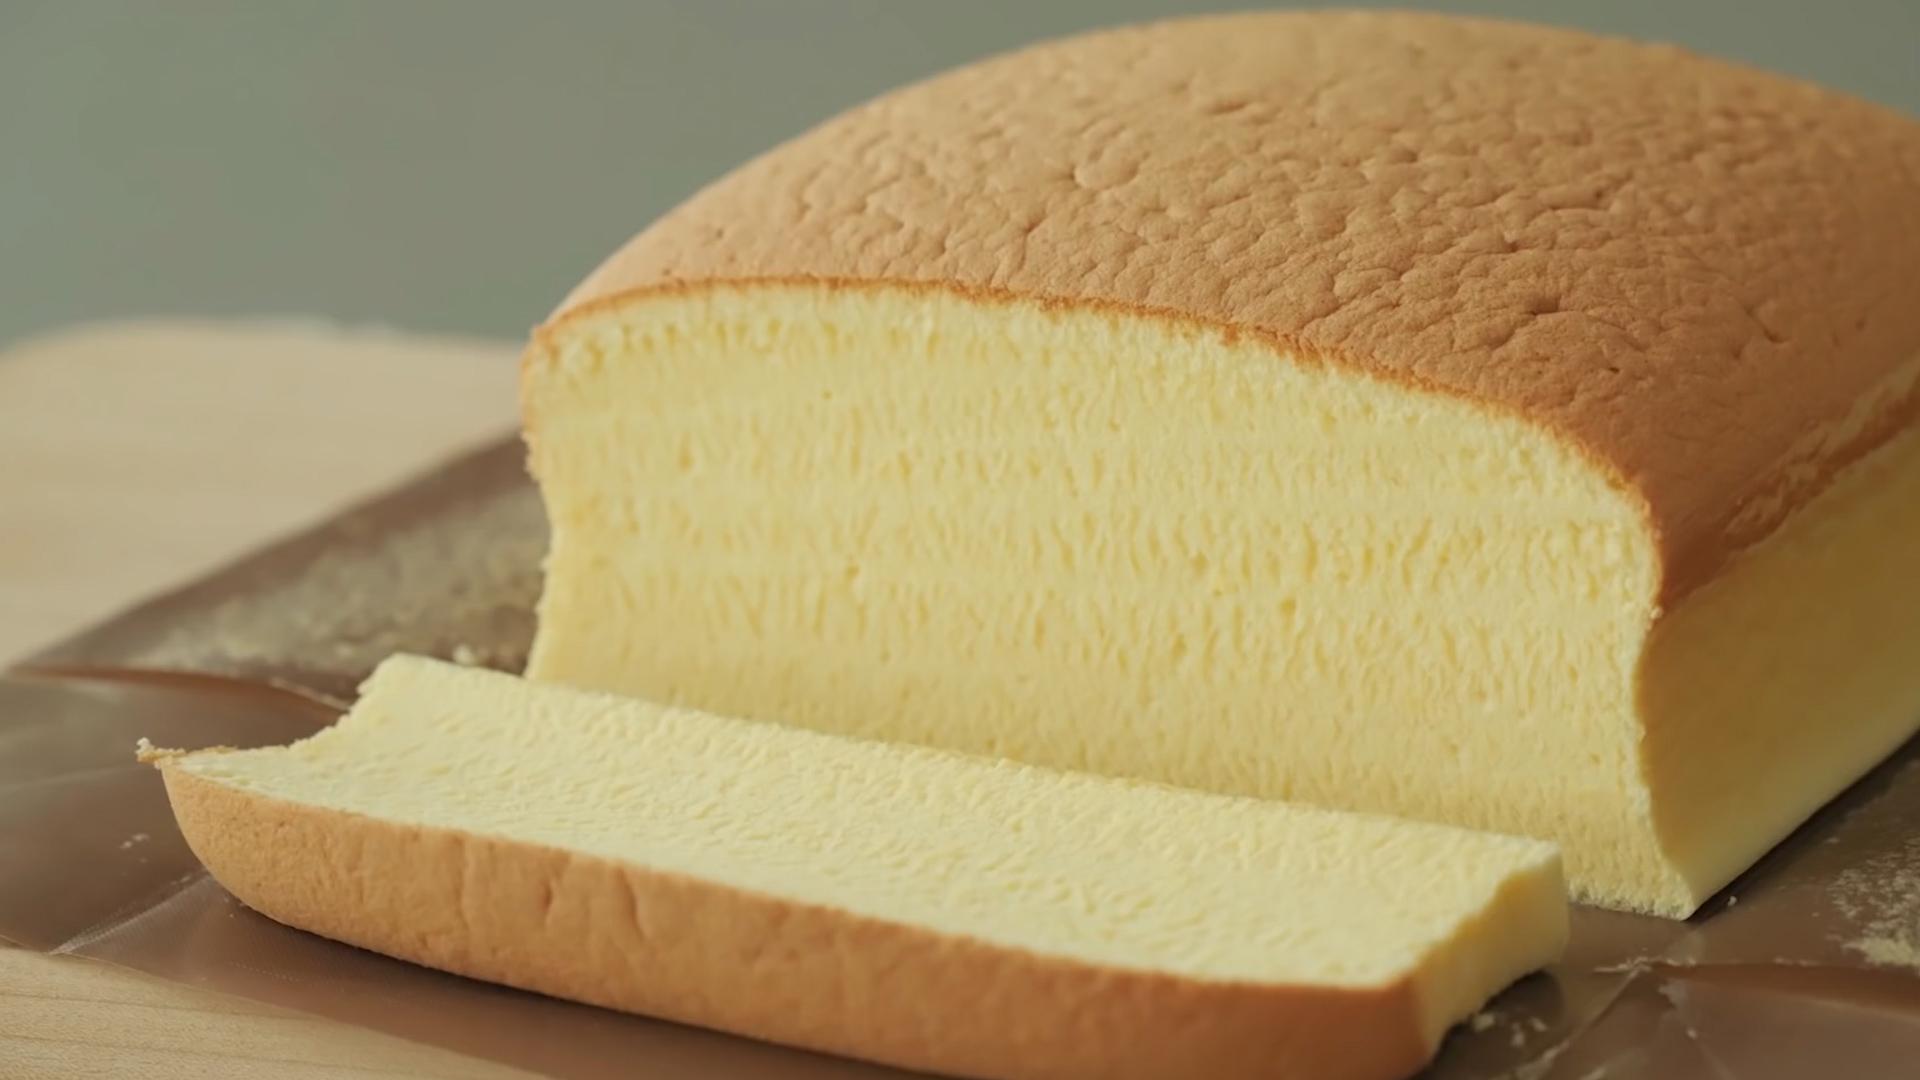 炼乳可以做蛋糕?奶香味超浓郁的炼乳戚风蛋糕,0气孔超细腻组织